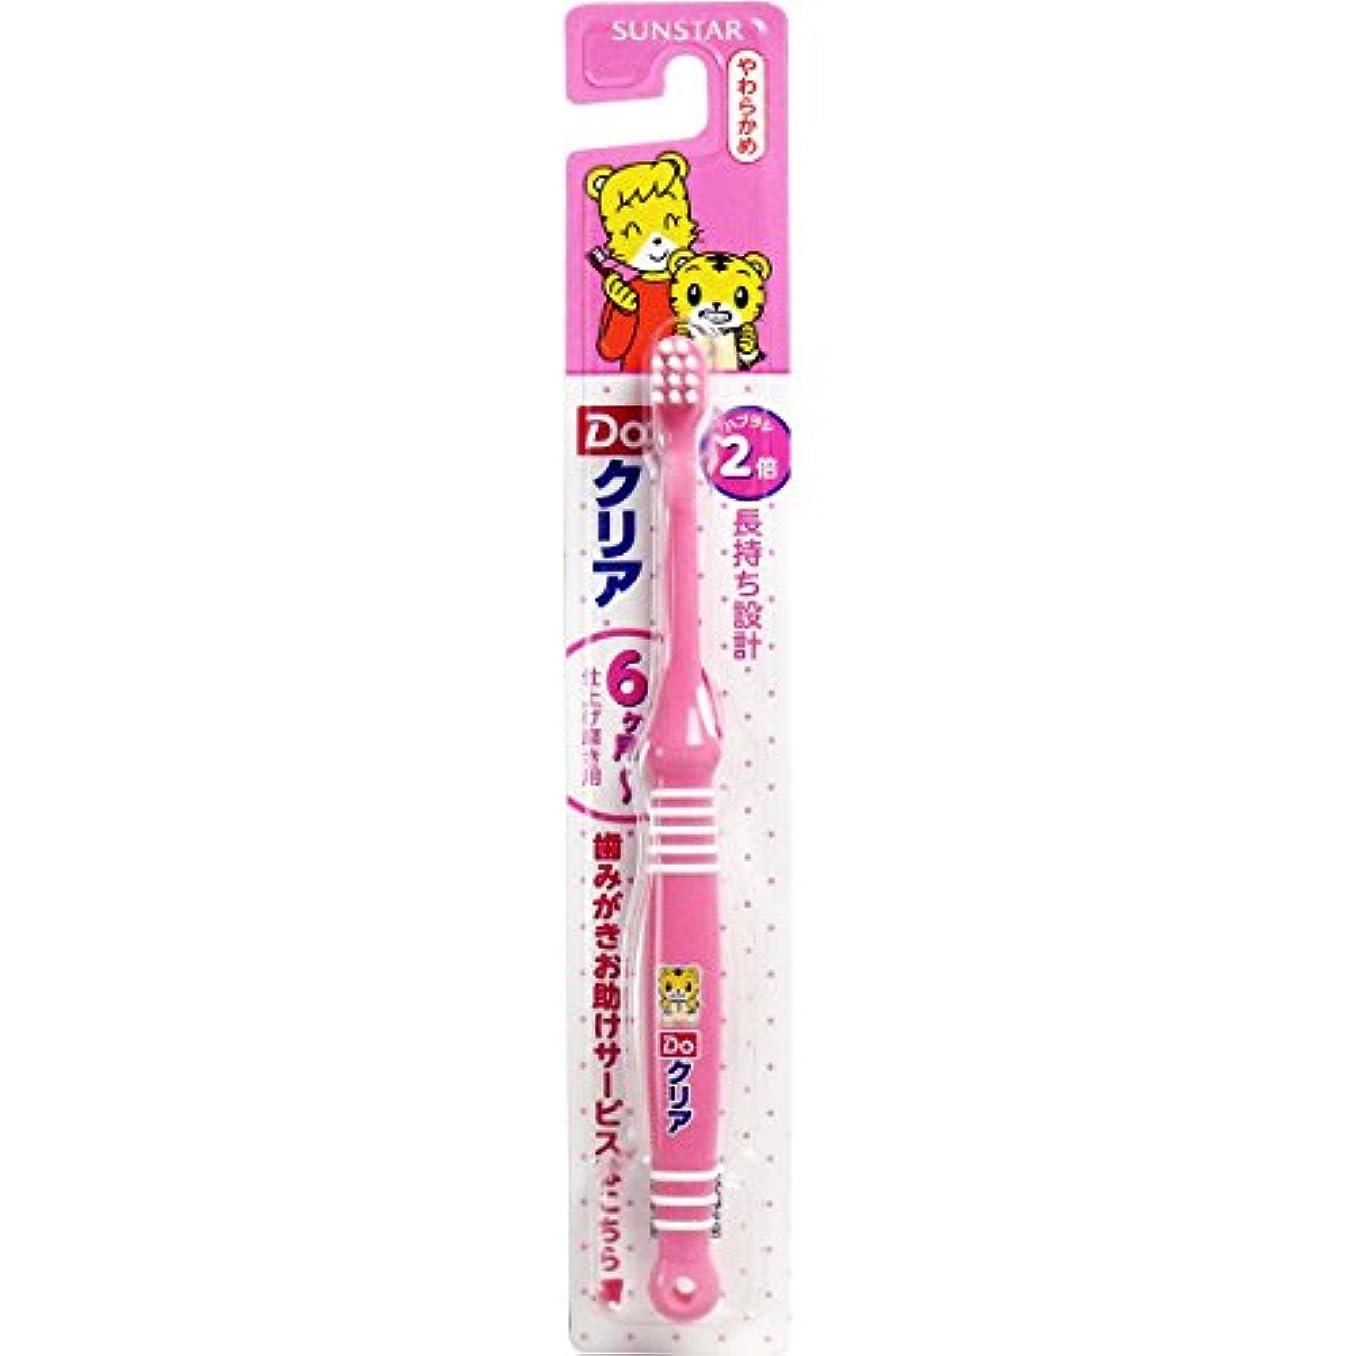 杭西部医薬品Doクリア こどもハブラシ 仕上げ磨き用 6か月 やわらかめ:ピンク